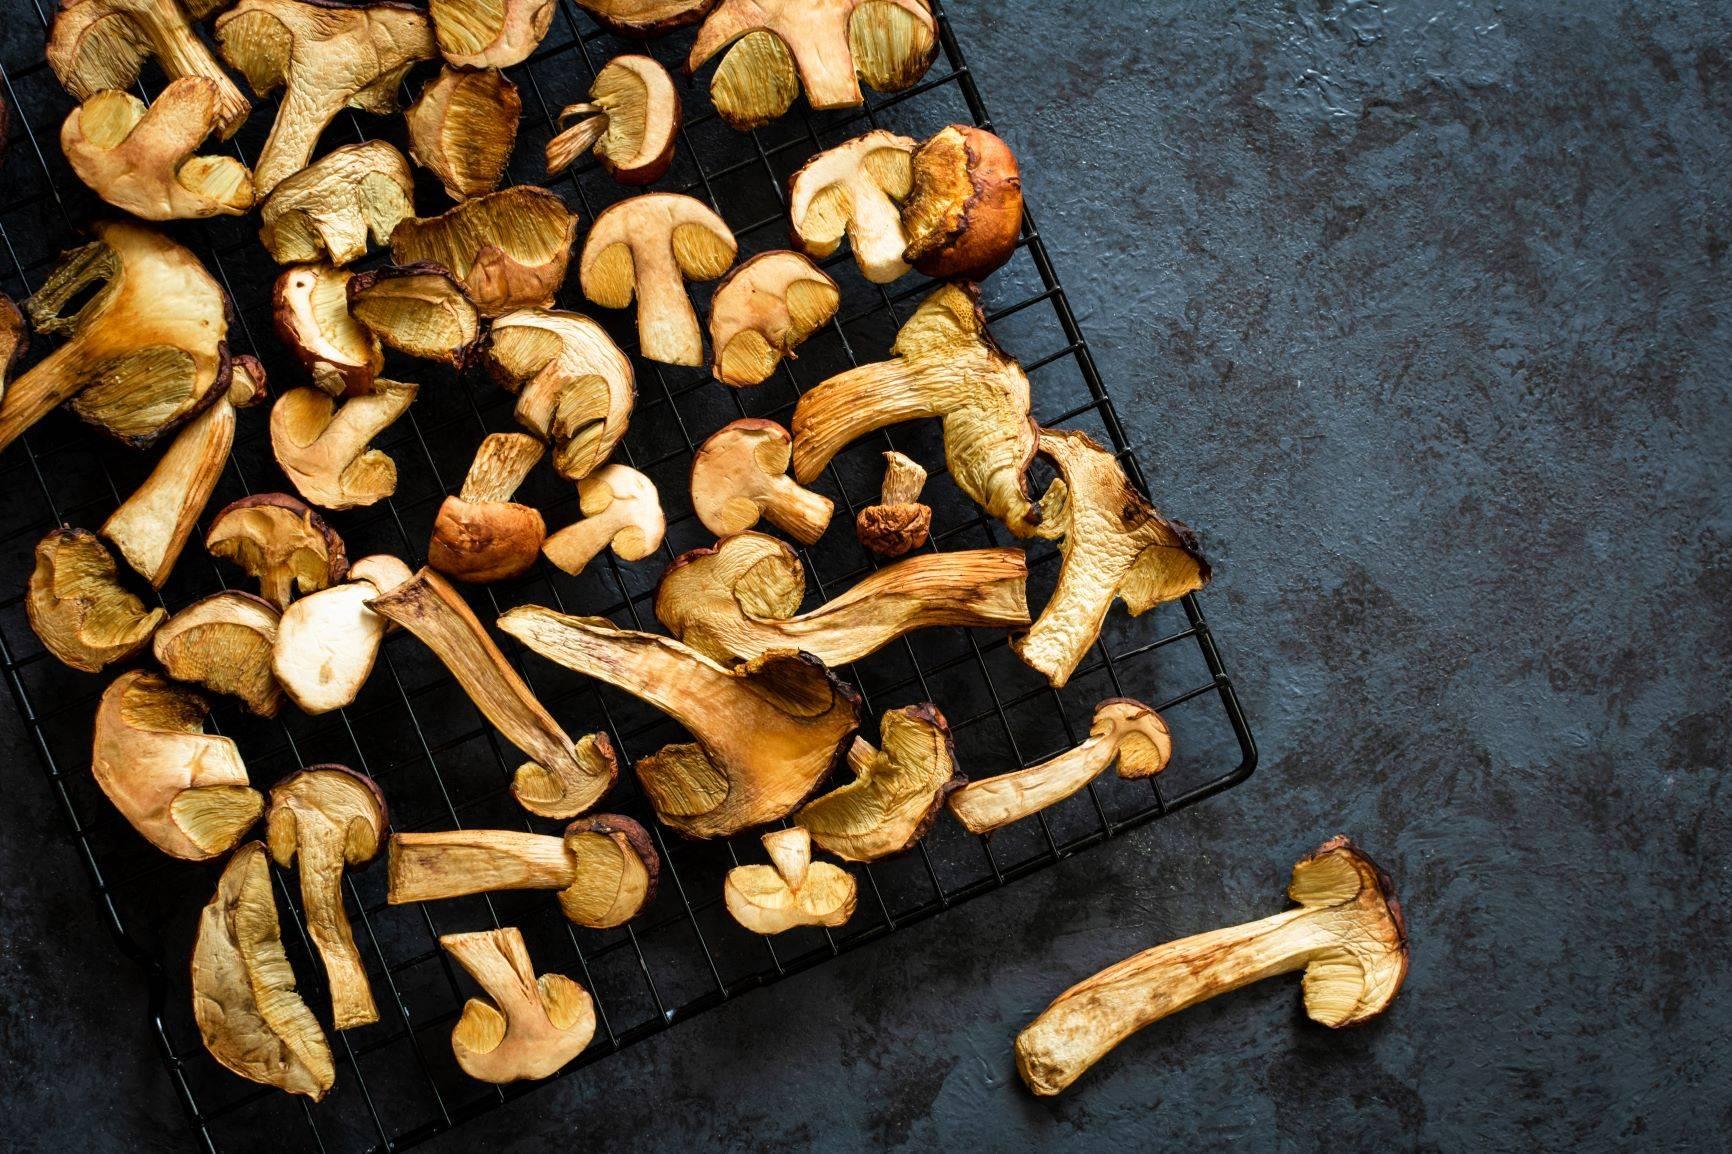 Suszenie grzybów to sposób na niemarnowanie jedzenia. Sprawdź, jak ograniczyć wyrzucanie żywności.